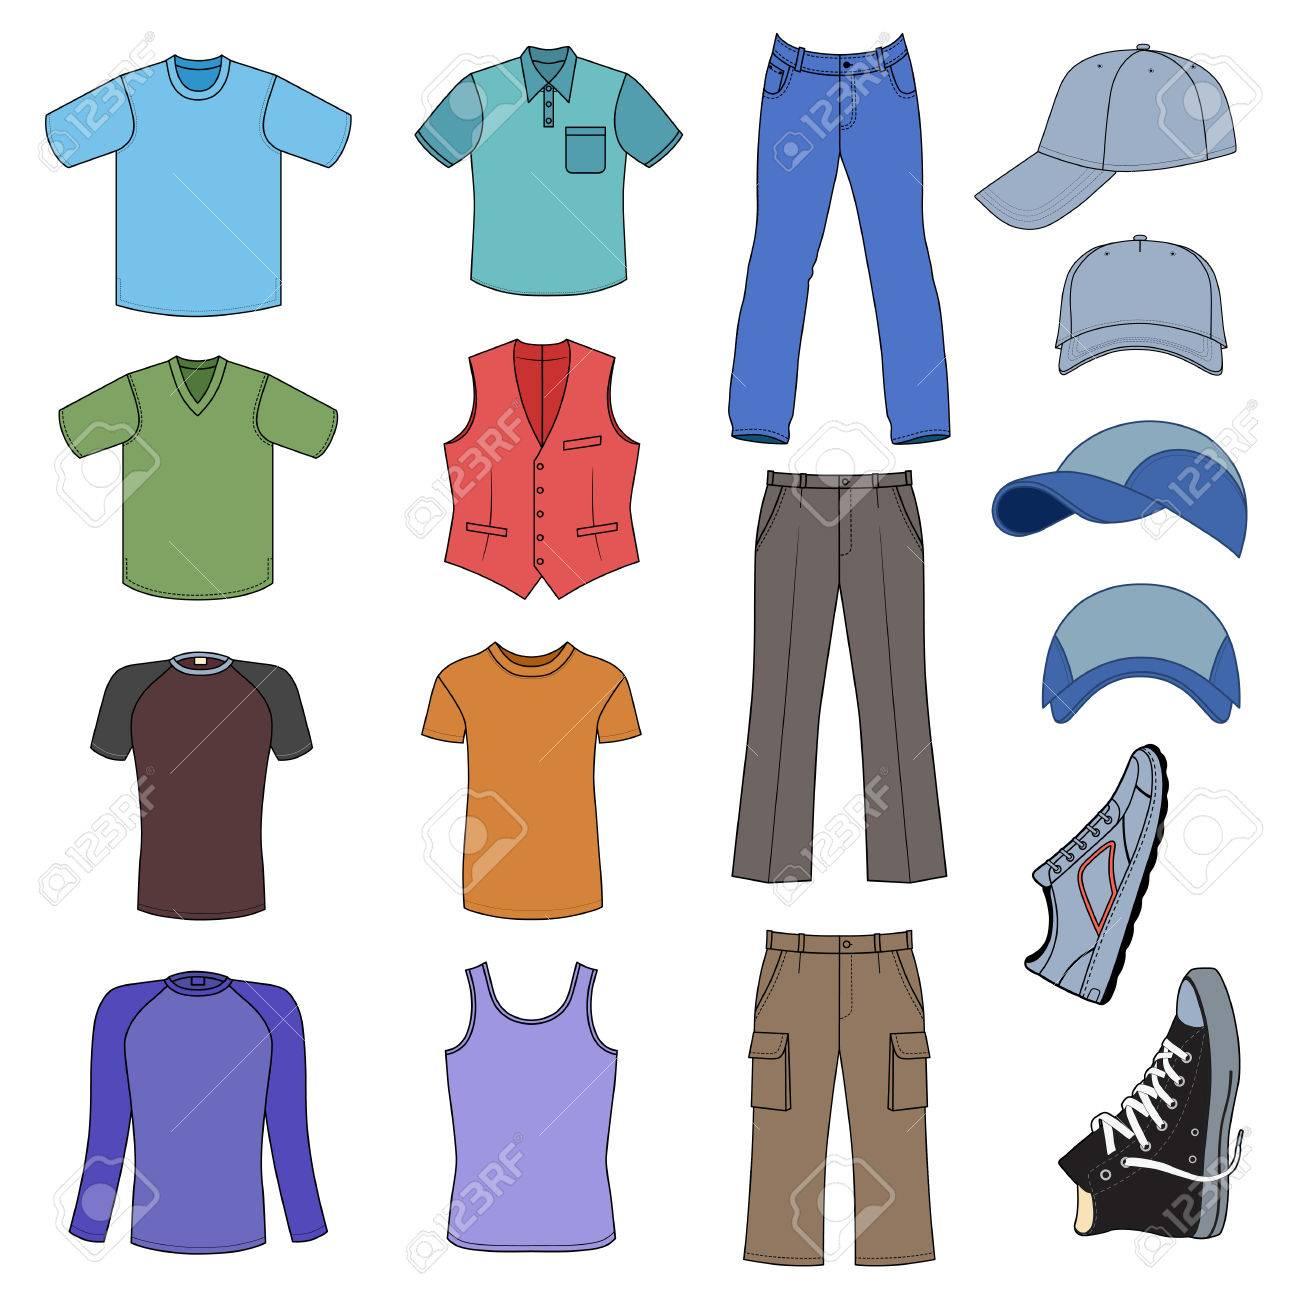 062114ab2 Ropa de caballero, tocados y zapatos de color colección de temporada,  ilustración vectorial aislados en fondo blanco